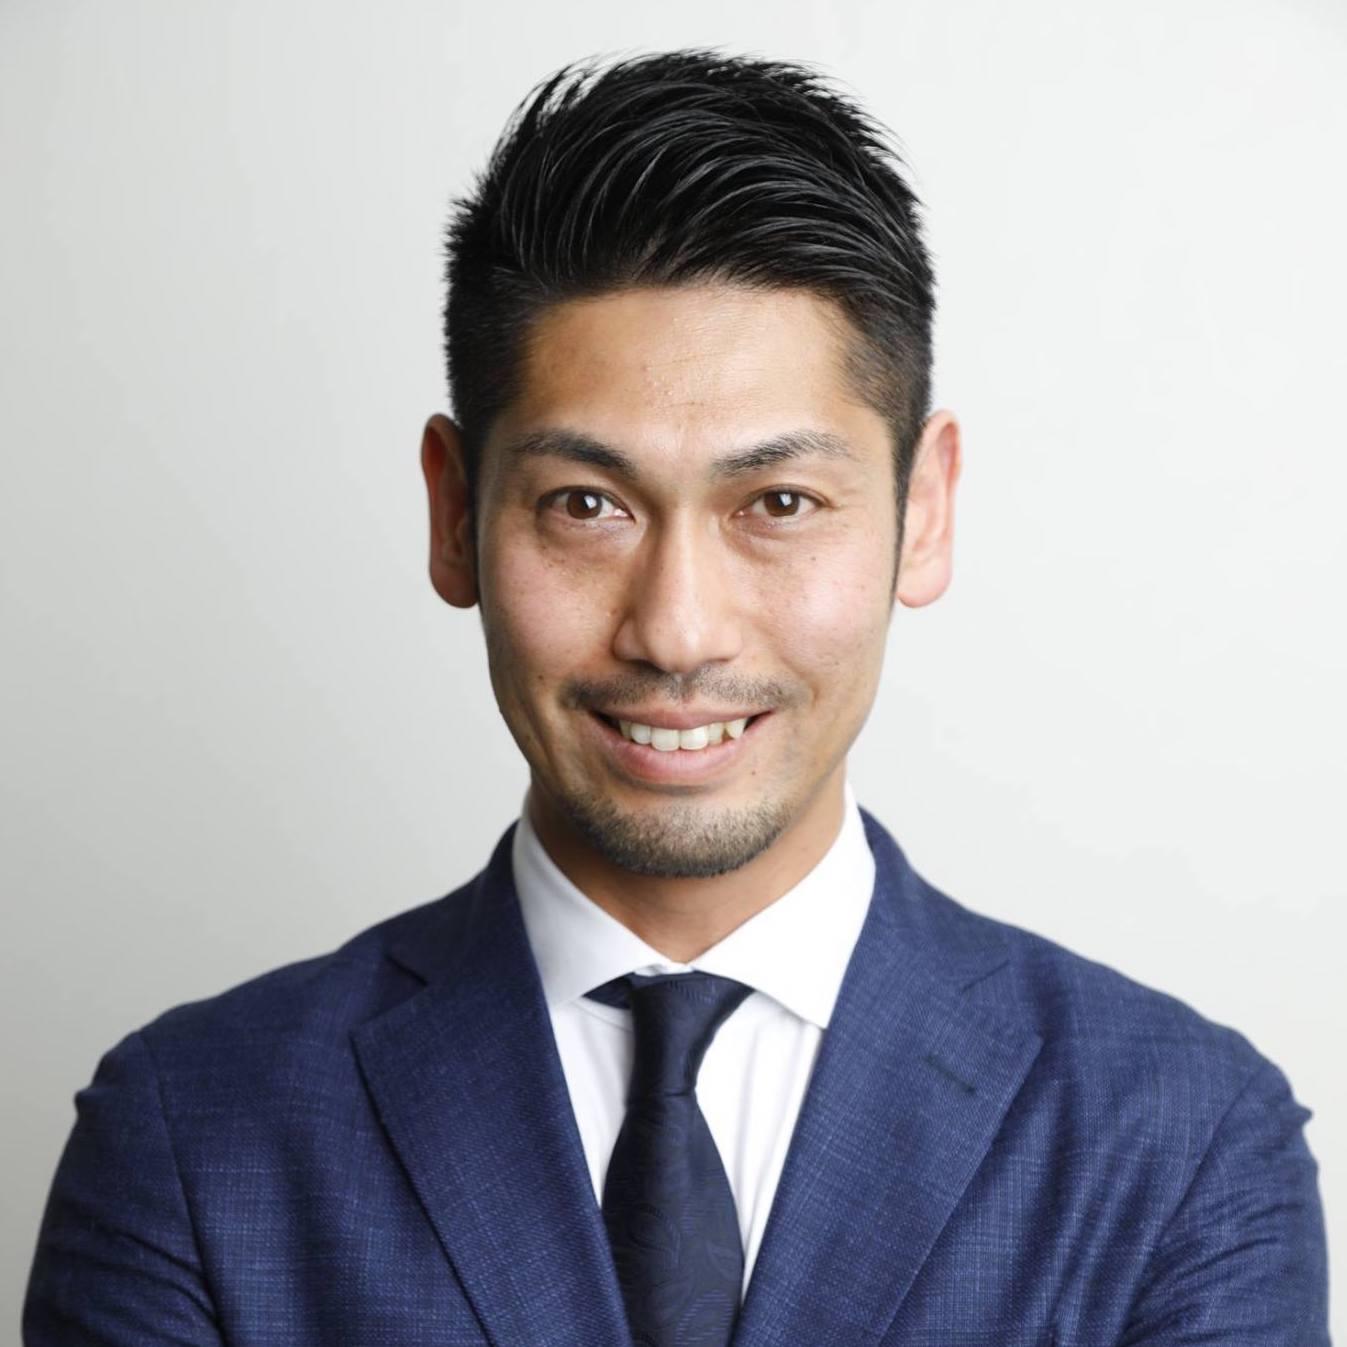 狩俣 慶人のプロフィール画像